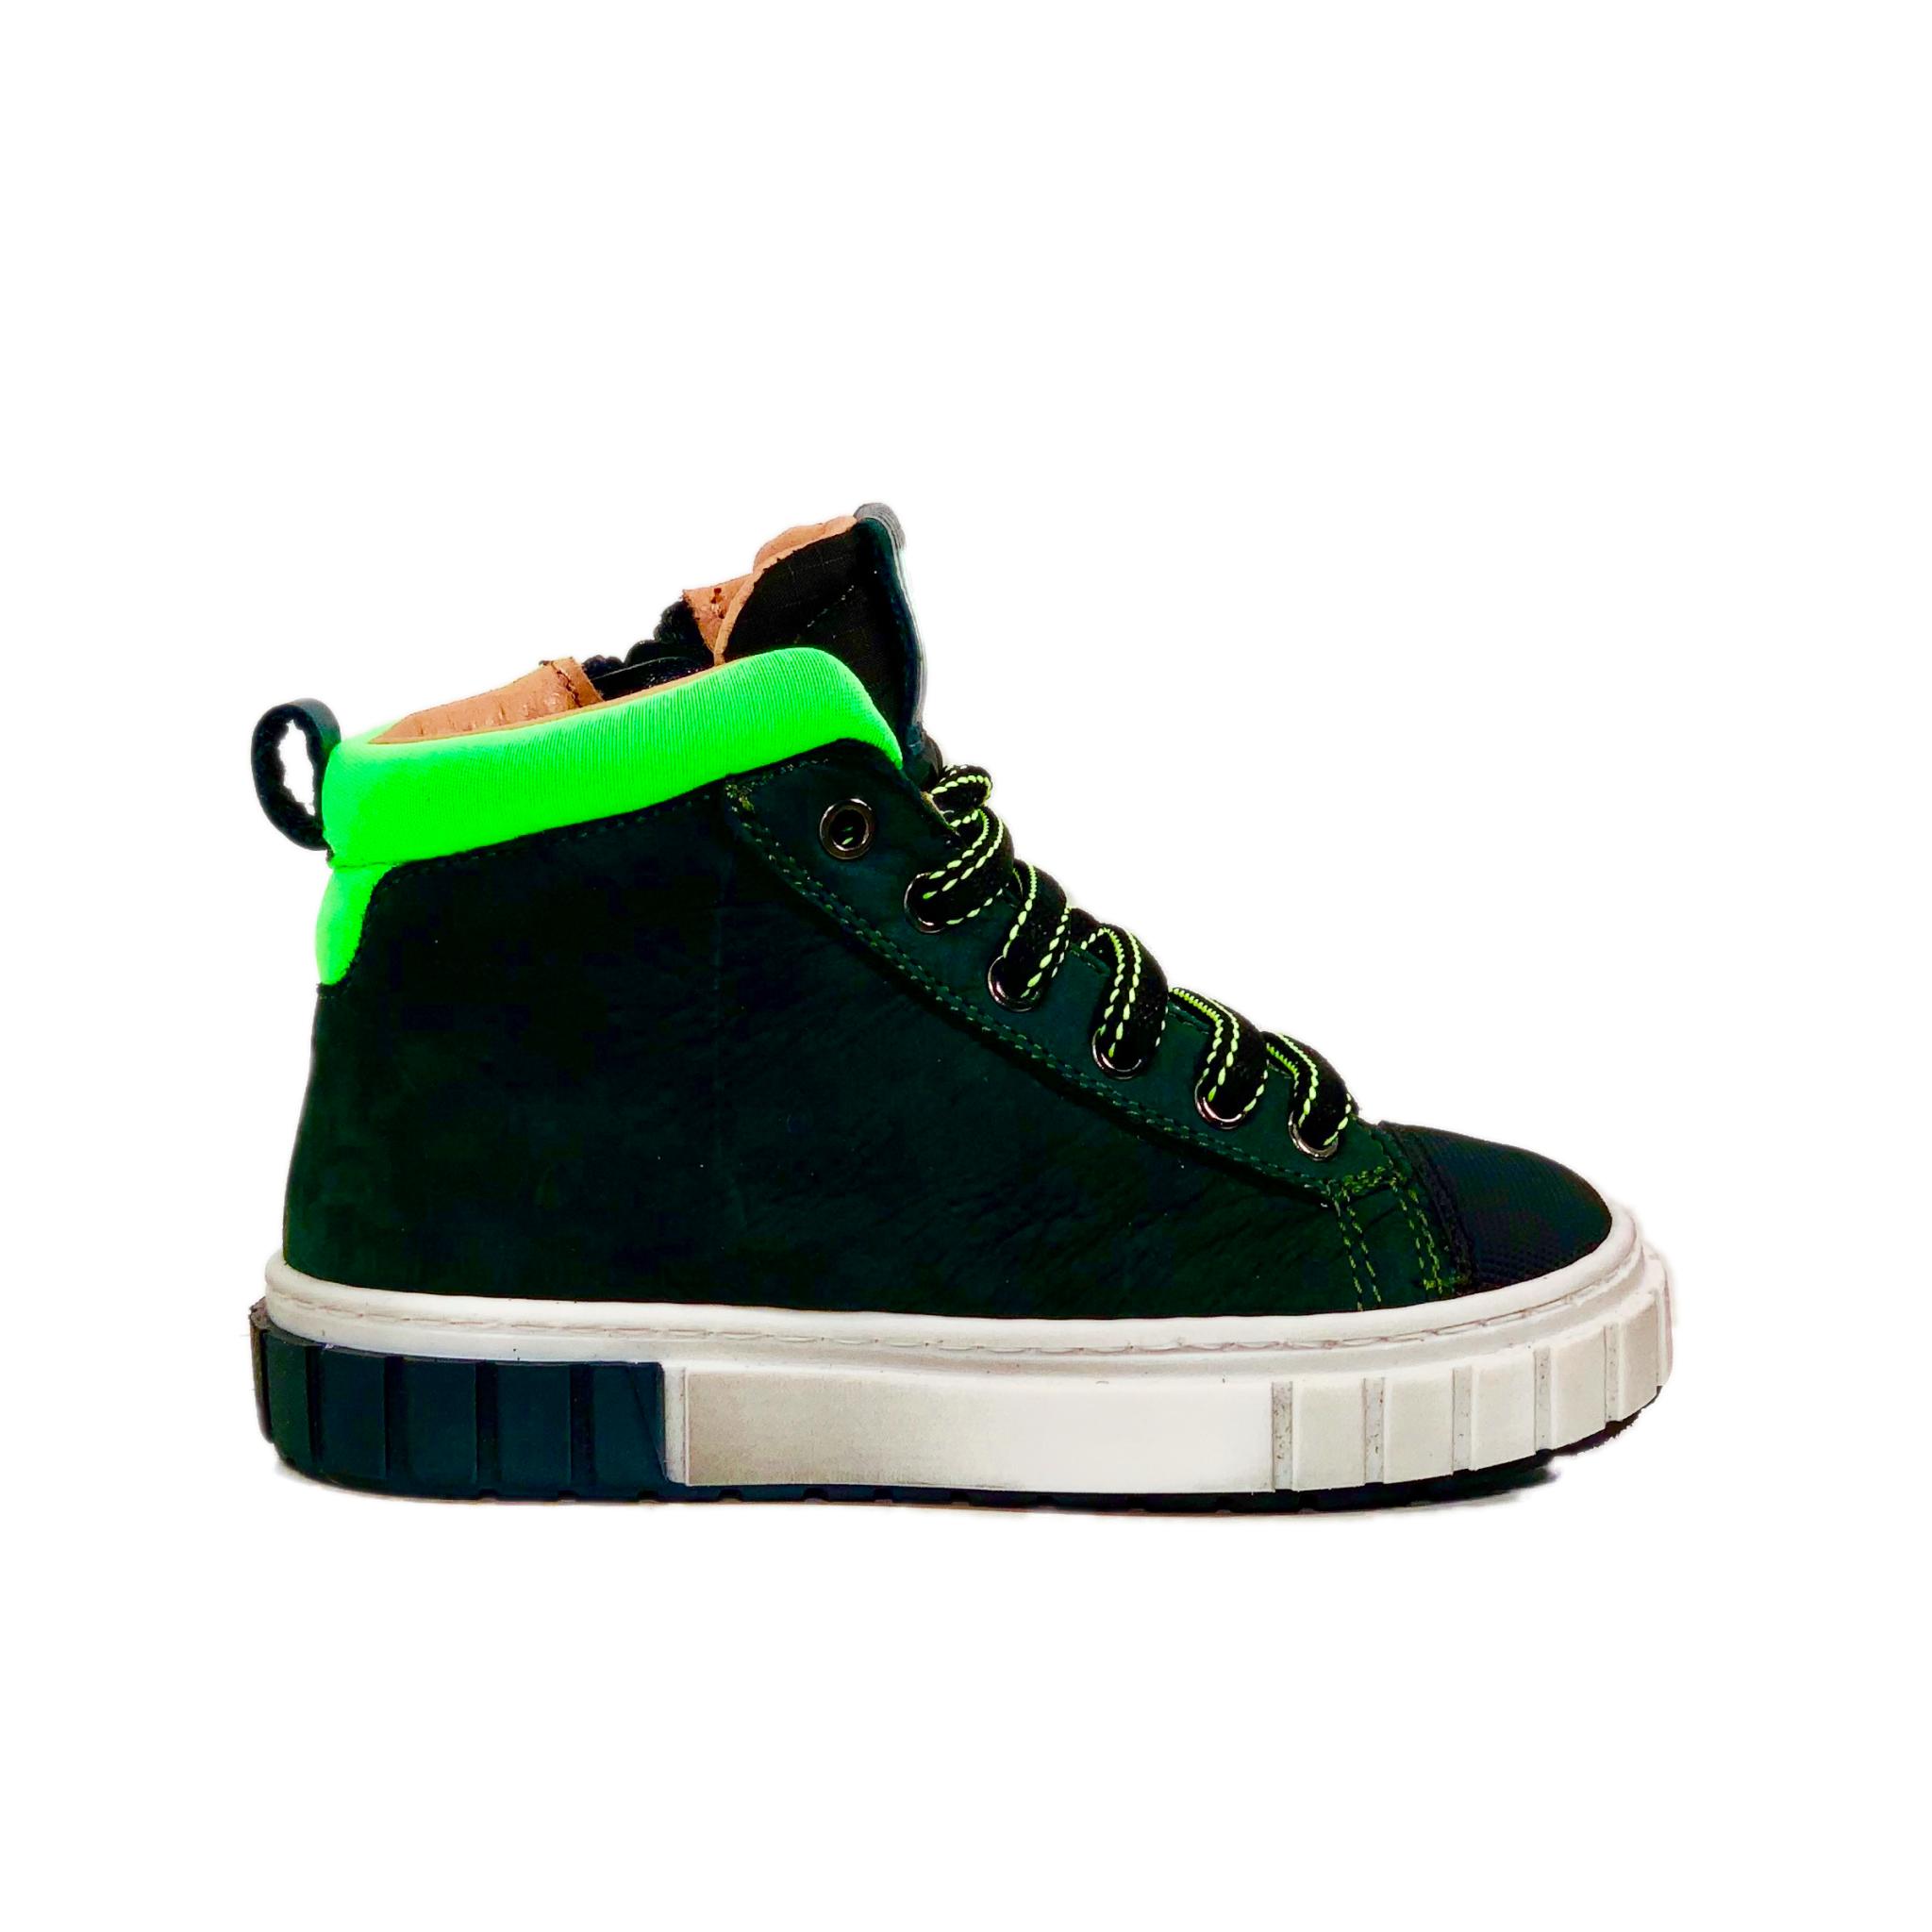 Romagnoli 4609 verde